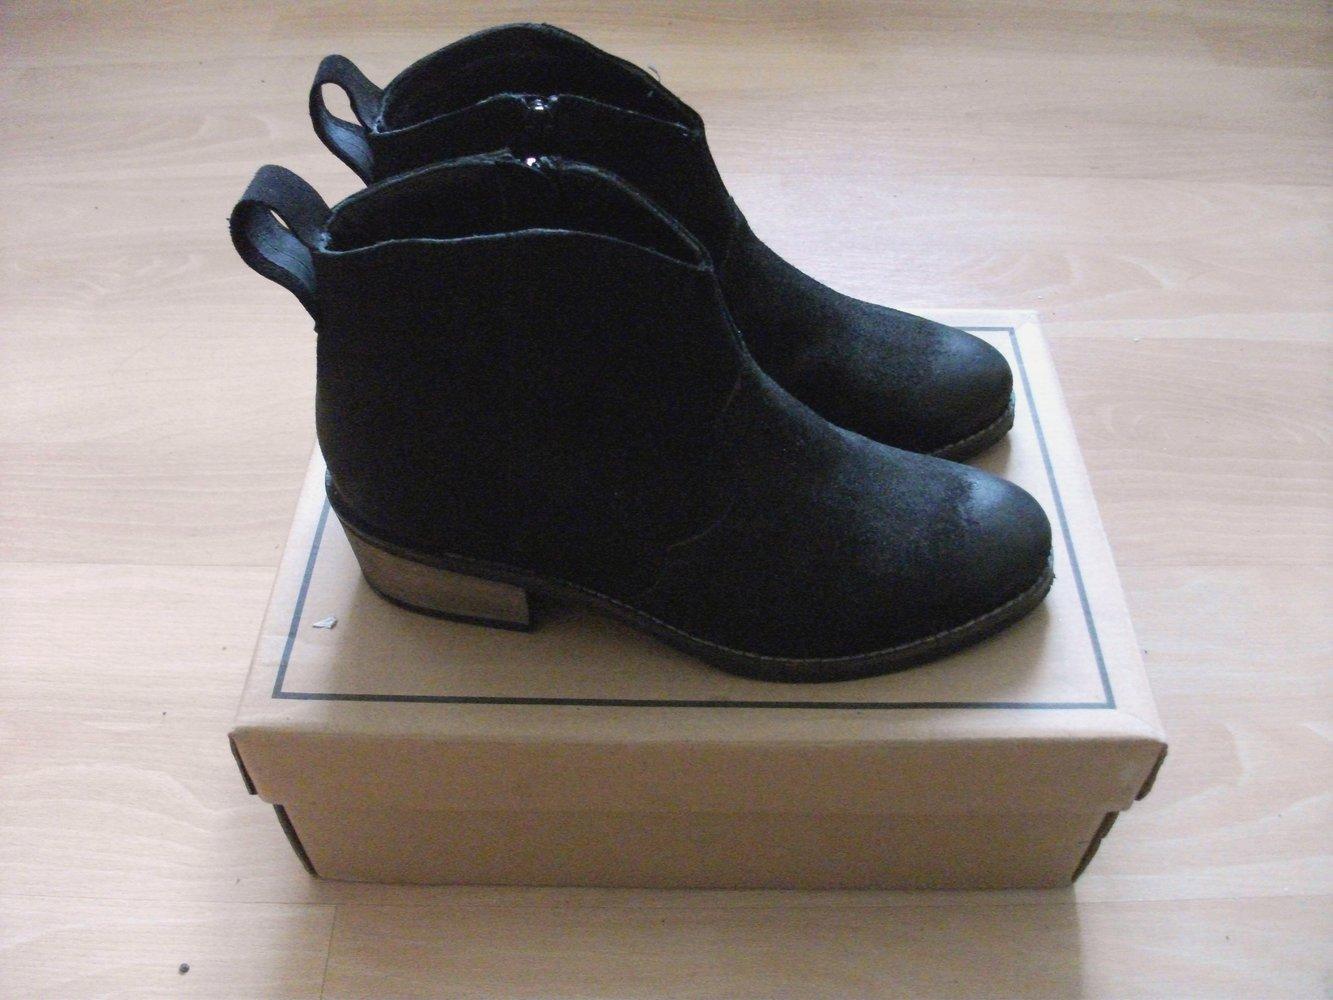 jasper james wildleder western cowboy ankle boots. Black Bedroom Furniture Sets. Home Design Ideas